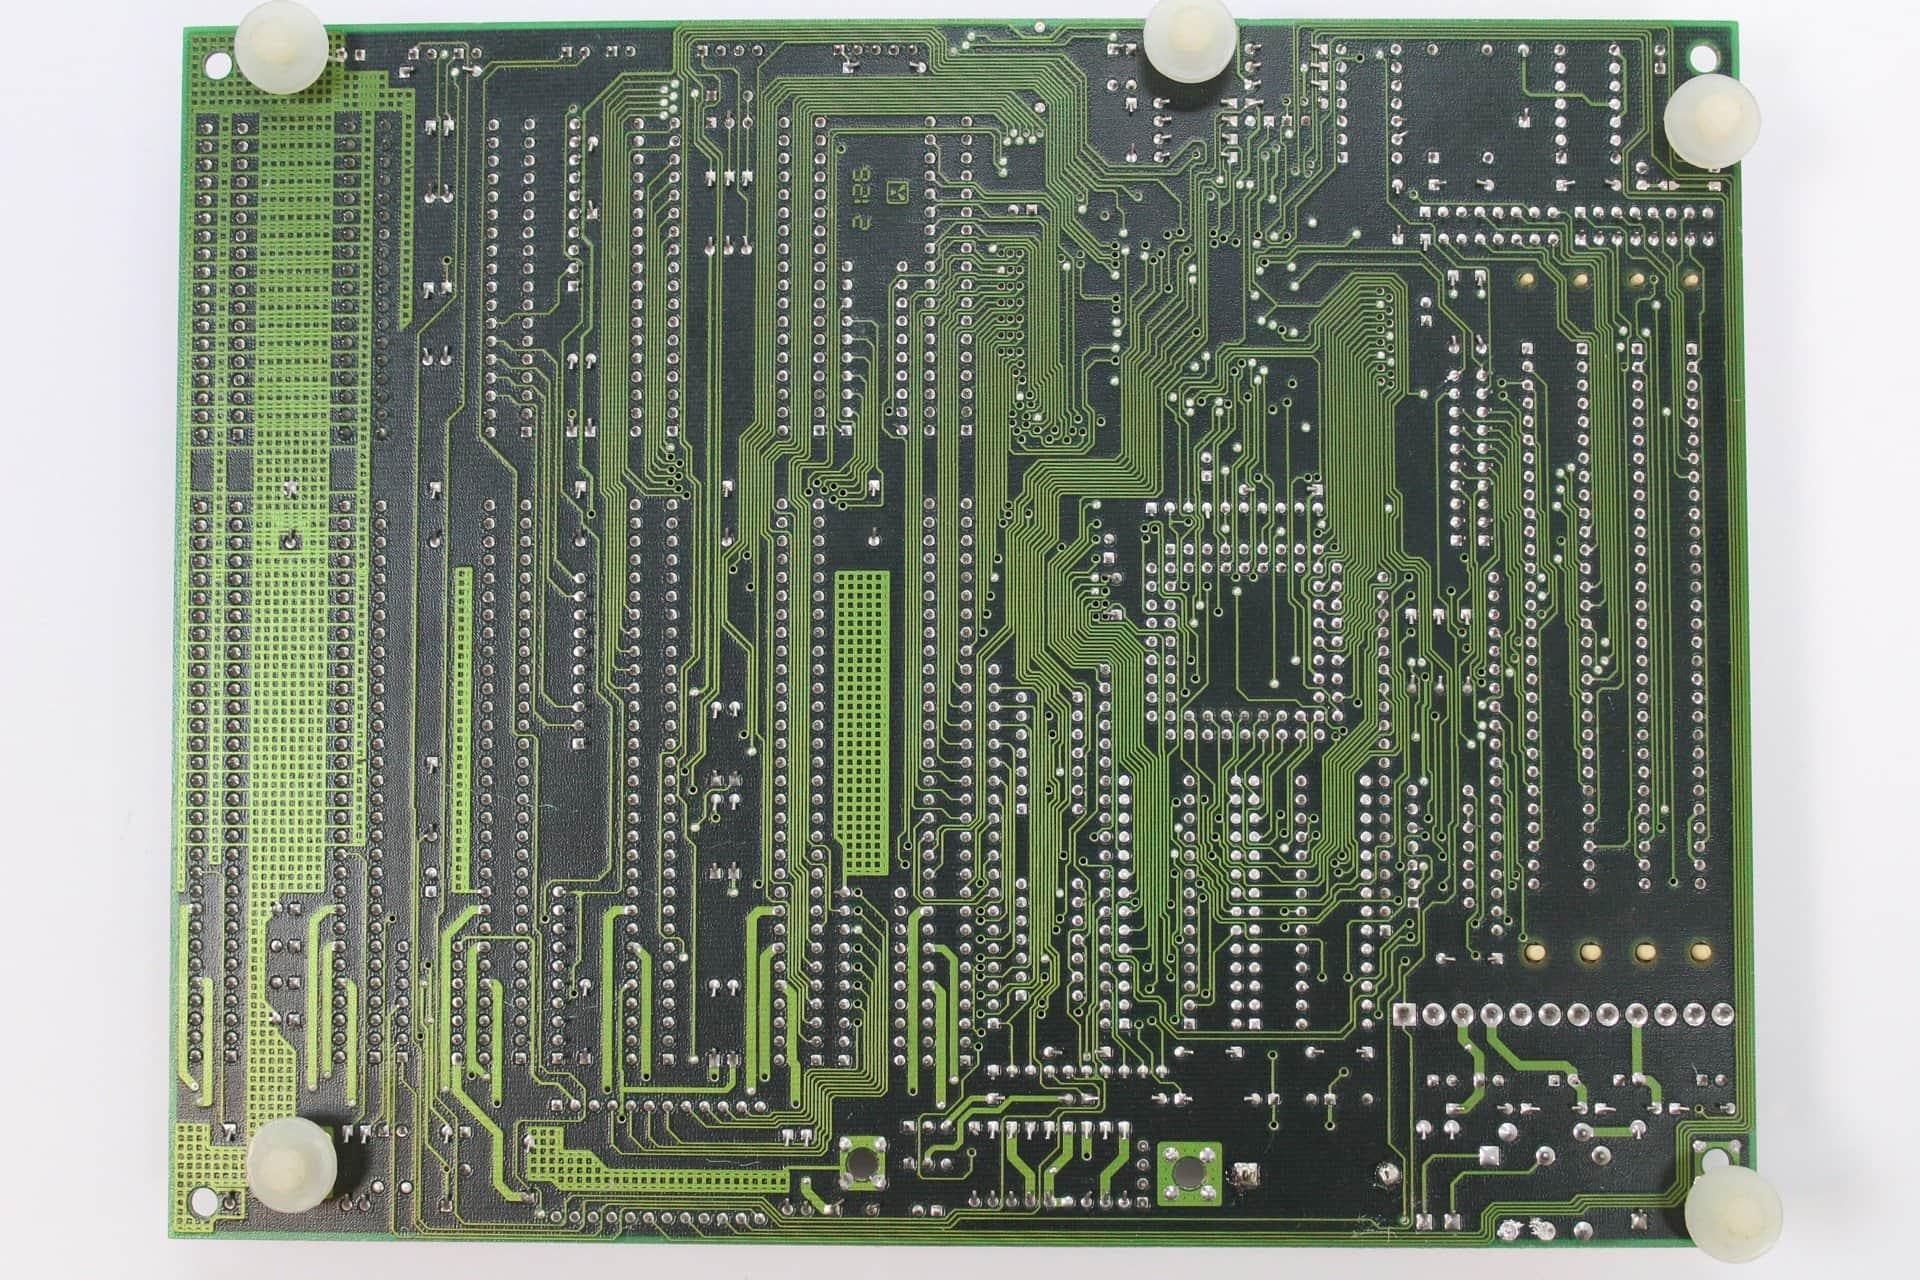 0bd77f4af ... Základní deska PC Chips M216 zezadu - PC VUJO 286 na 25MHz ...